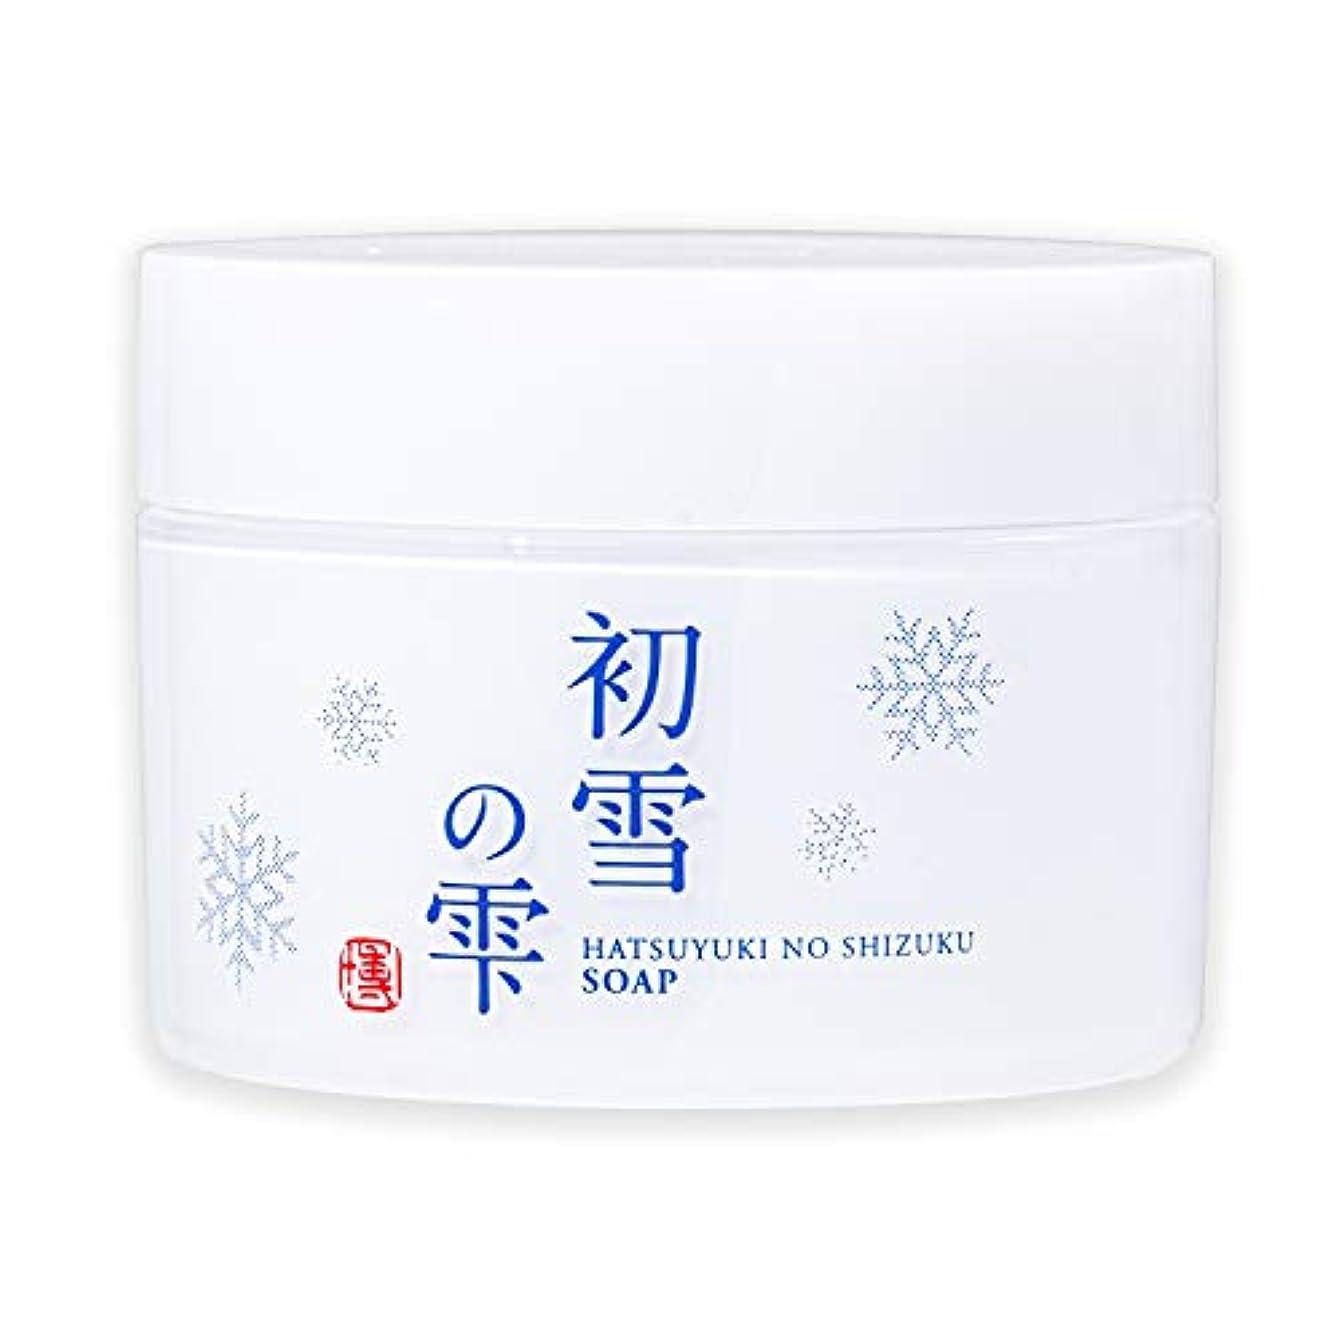 初雪の雫 洗顔 練り せっけん ジャータイプ 105g [アミノ酸 ヒアルロン酸 プラセンタエキス セラミド 配合]